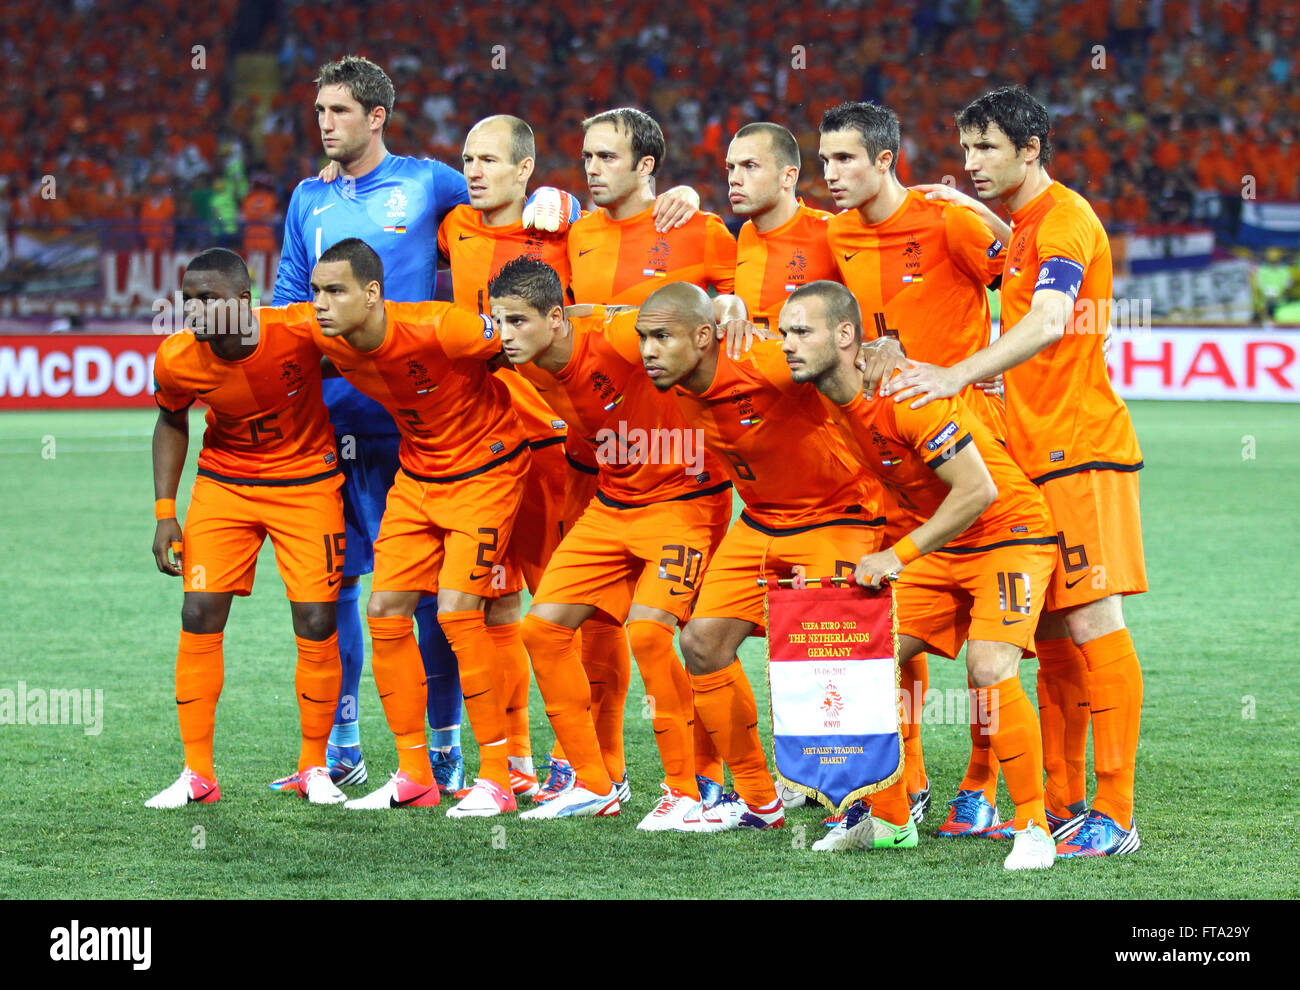 soccer holland football teams - photo #22